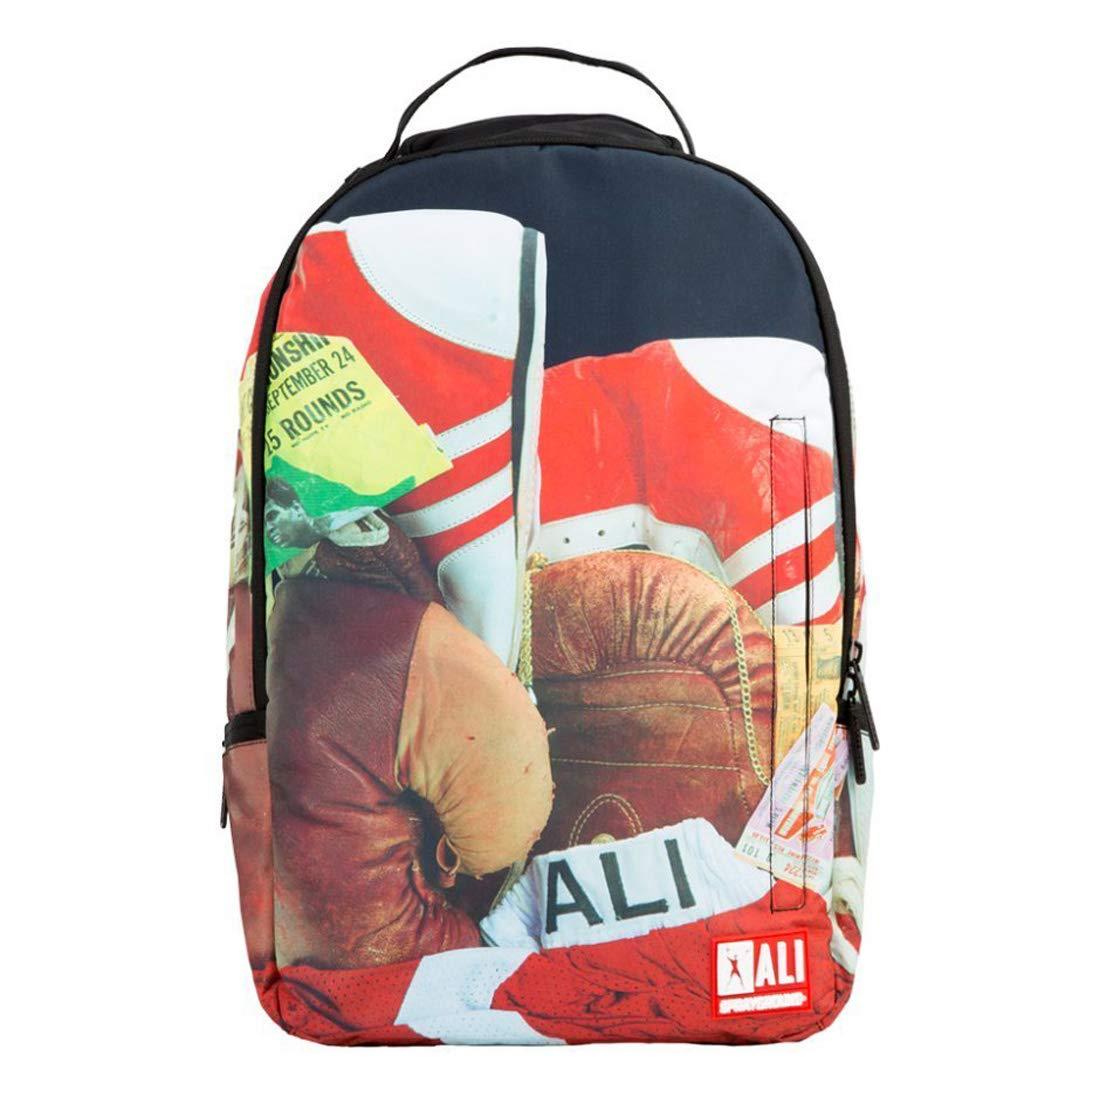 (スプレーグランド) SPRAY GROUND バックパック デイパック Muhammad Ali BackPack Ali BCKPK バスケットボール ストリート Free   B06X9DTKHH